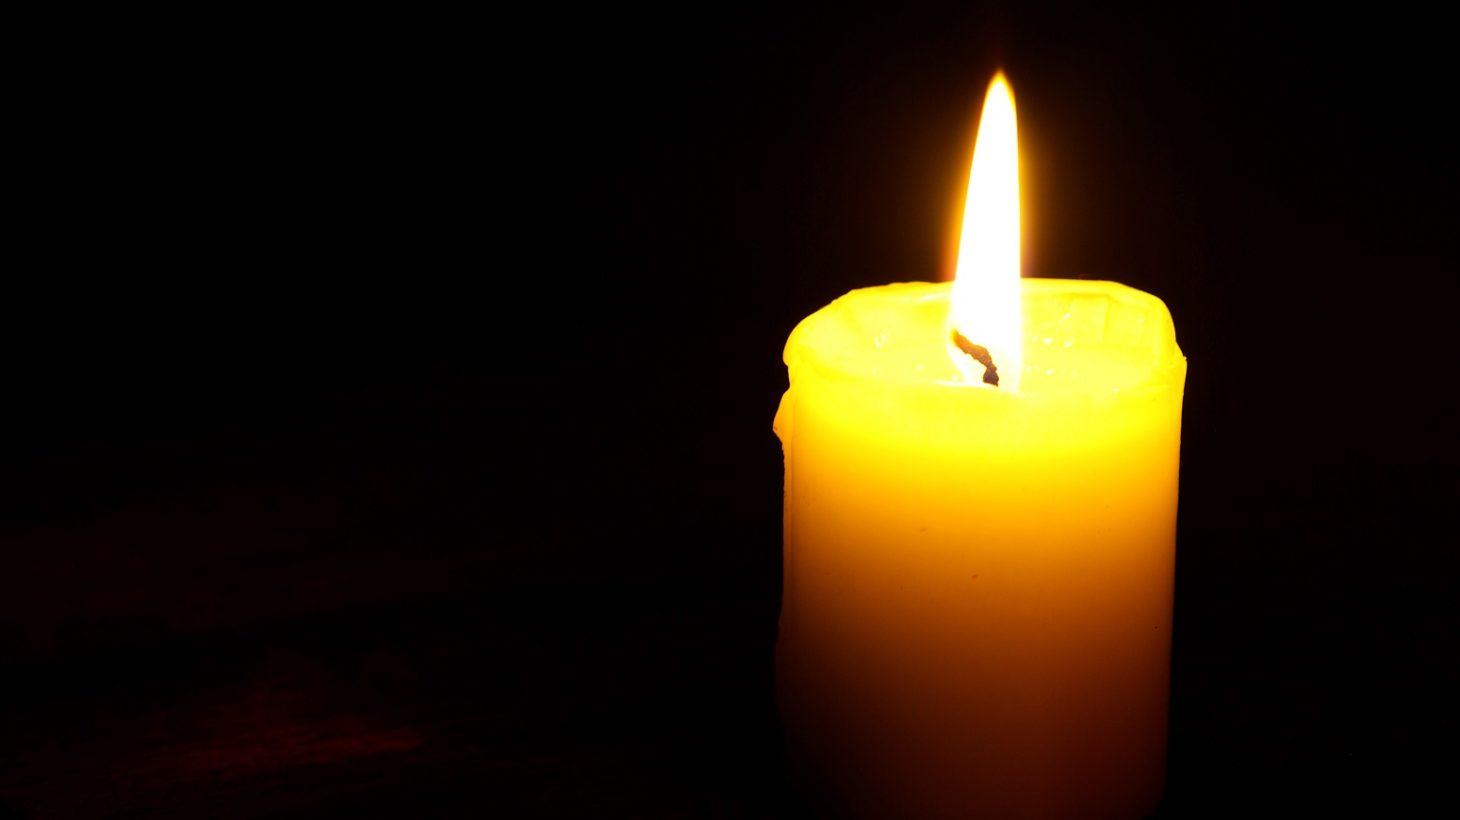 Ljus som brinner med svart bakgrund.